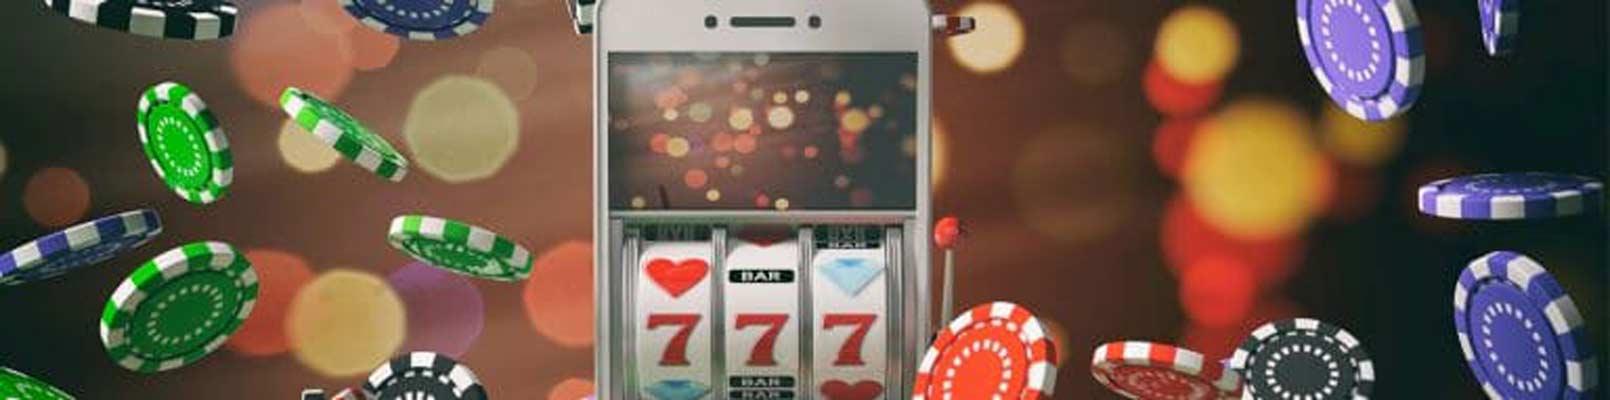 recenzii casino online românești